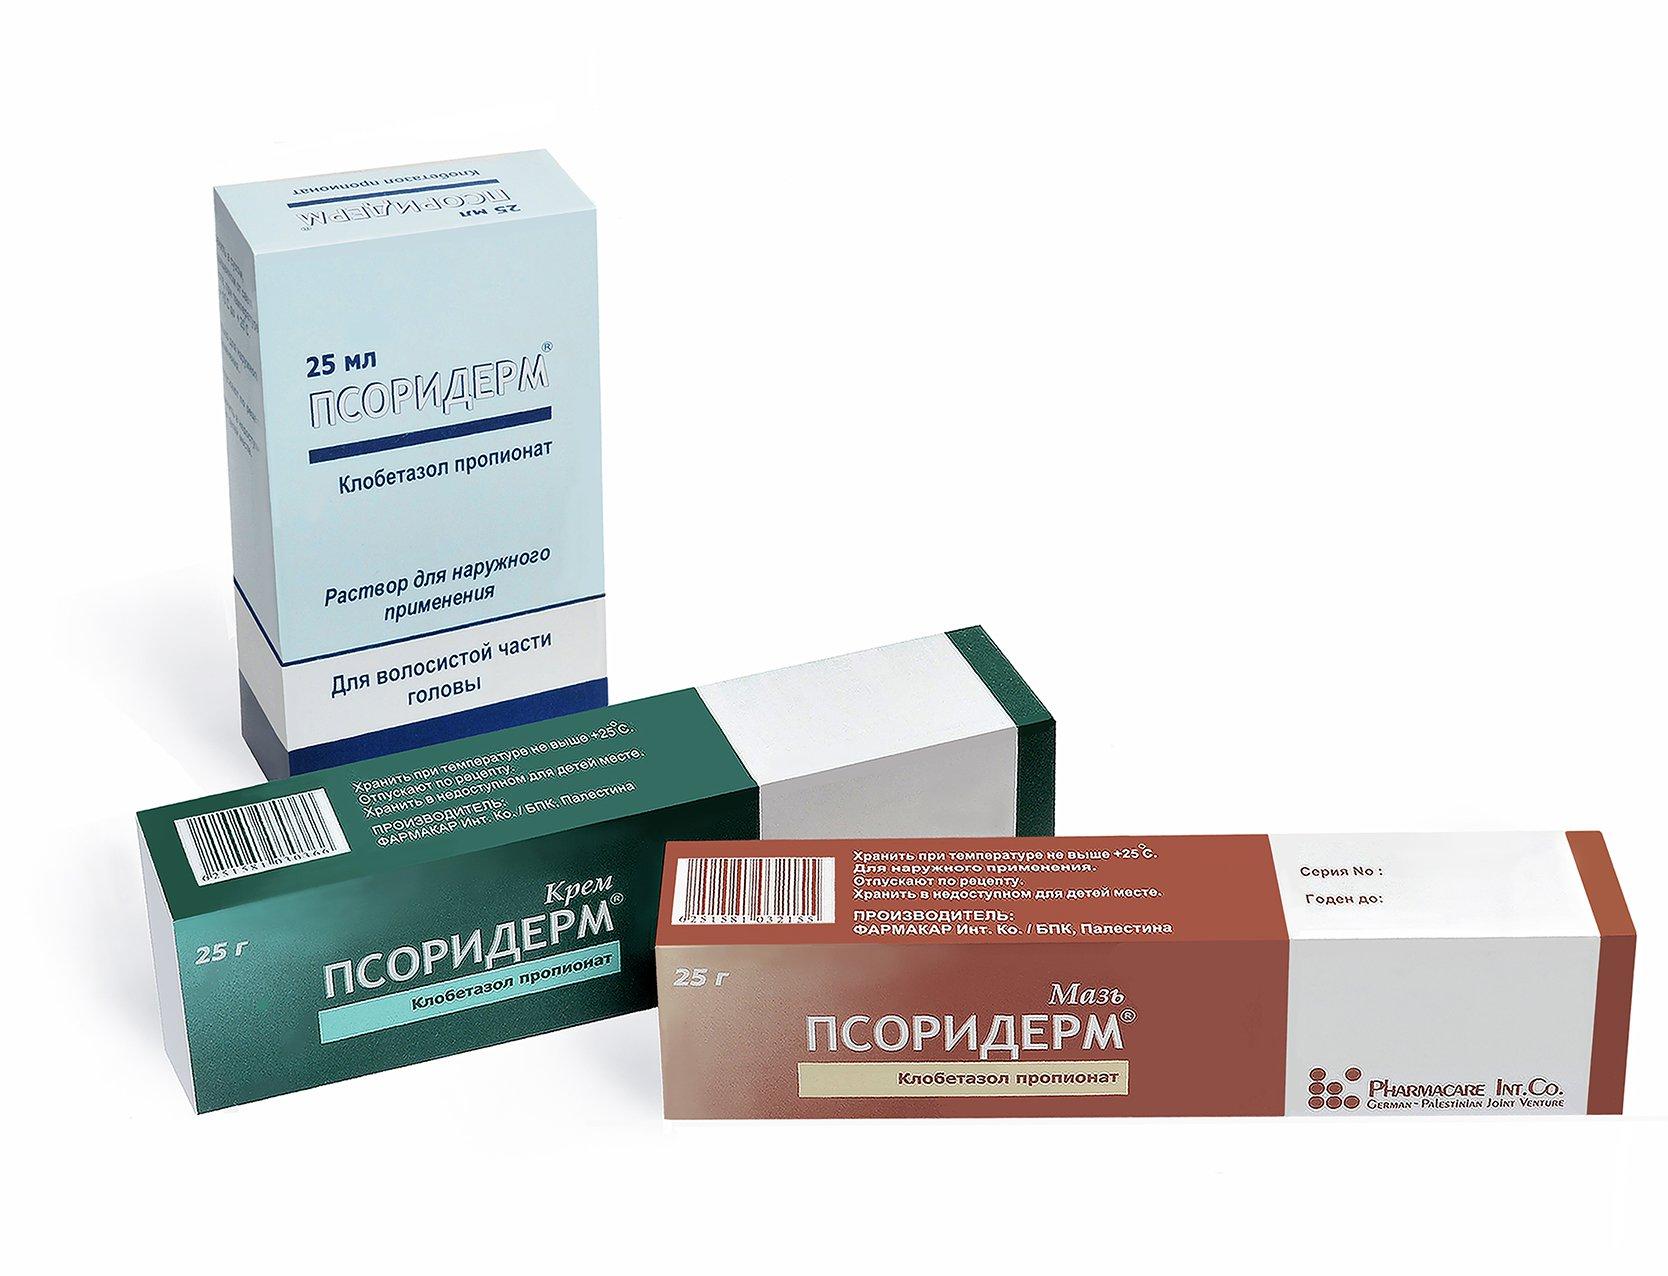 Особенности состава и применения препарата лостерин — крема и шампуня